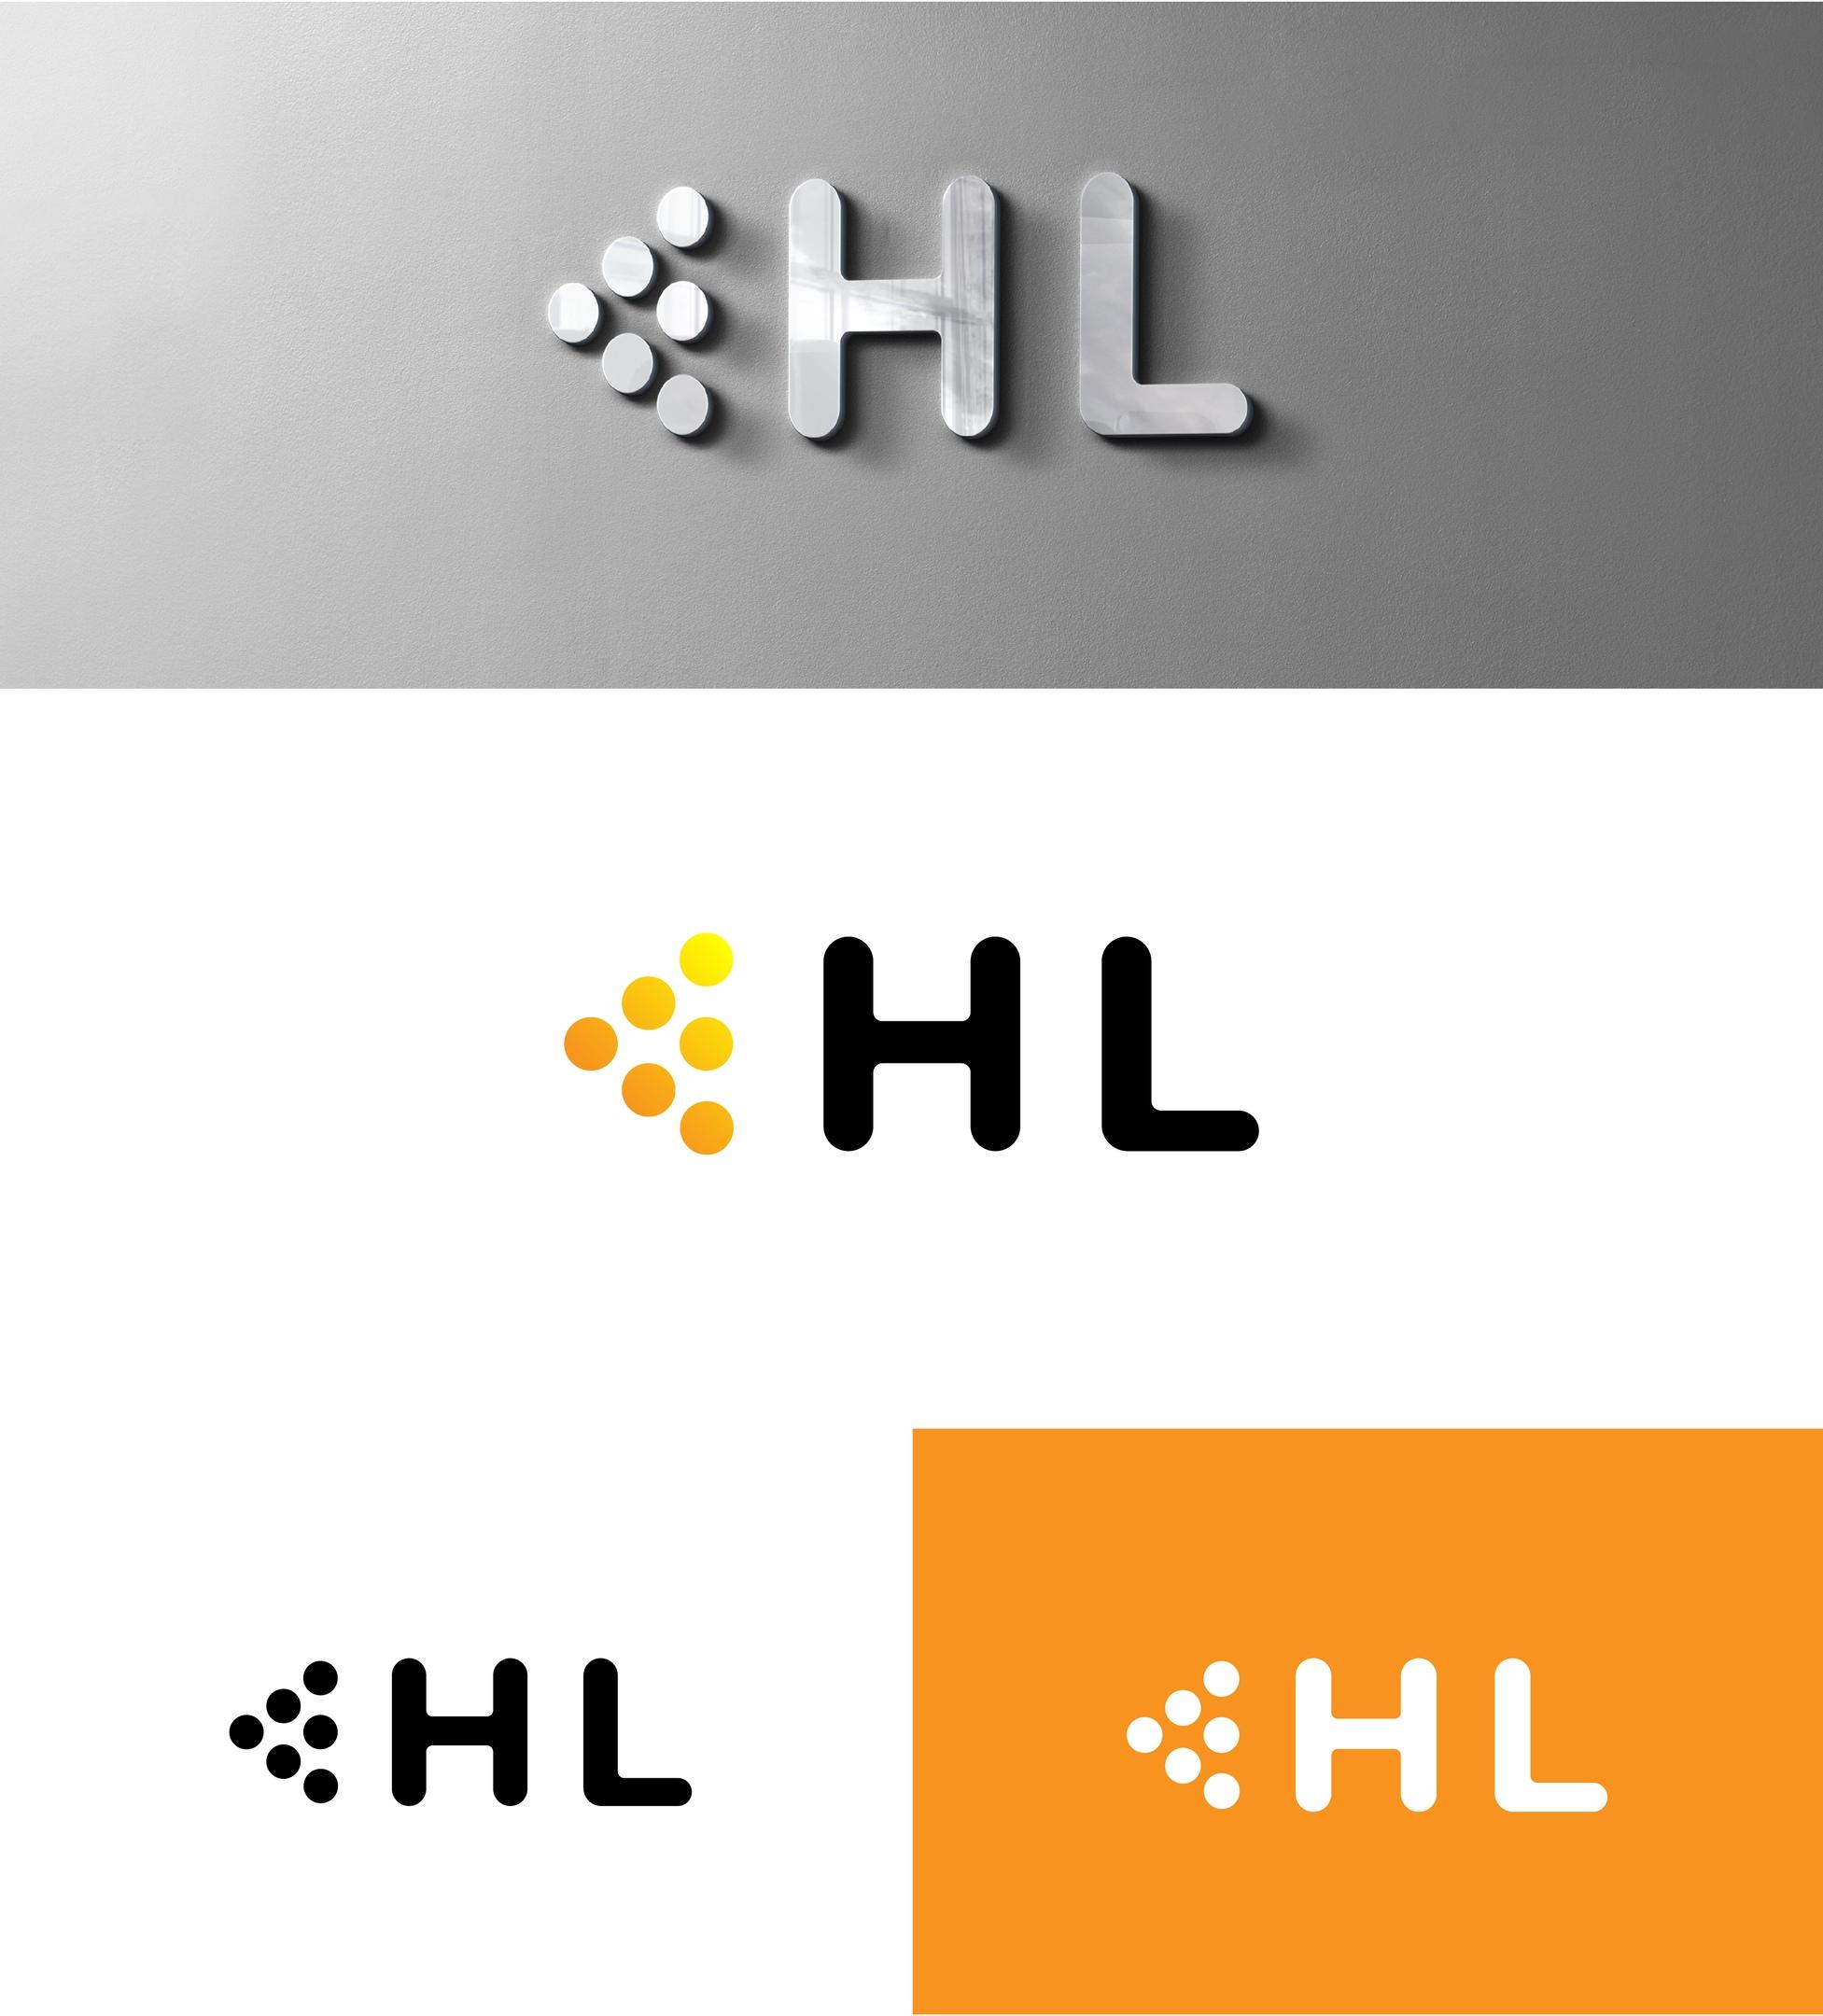 разработка логотипа для производителя фар фото f_1915f5cb19de30b5.jpg